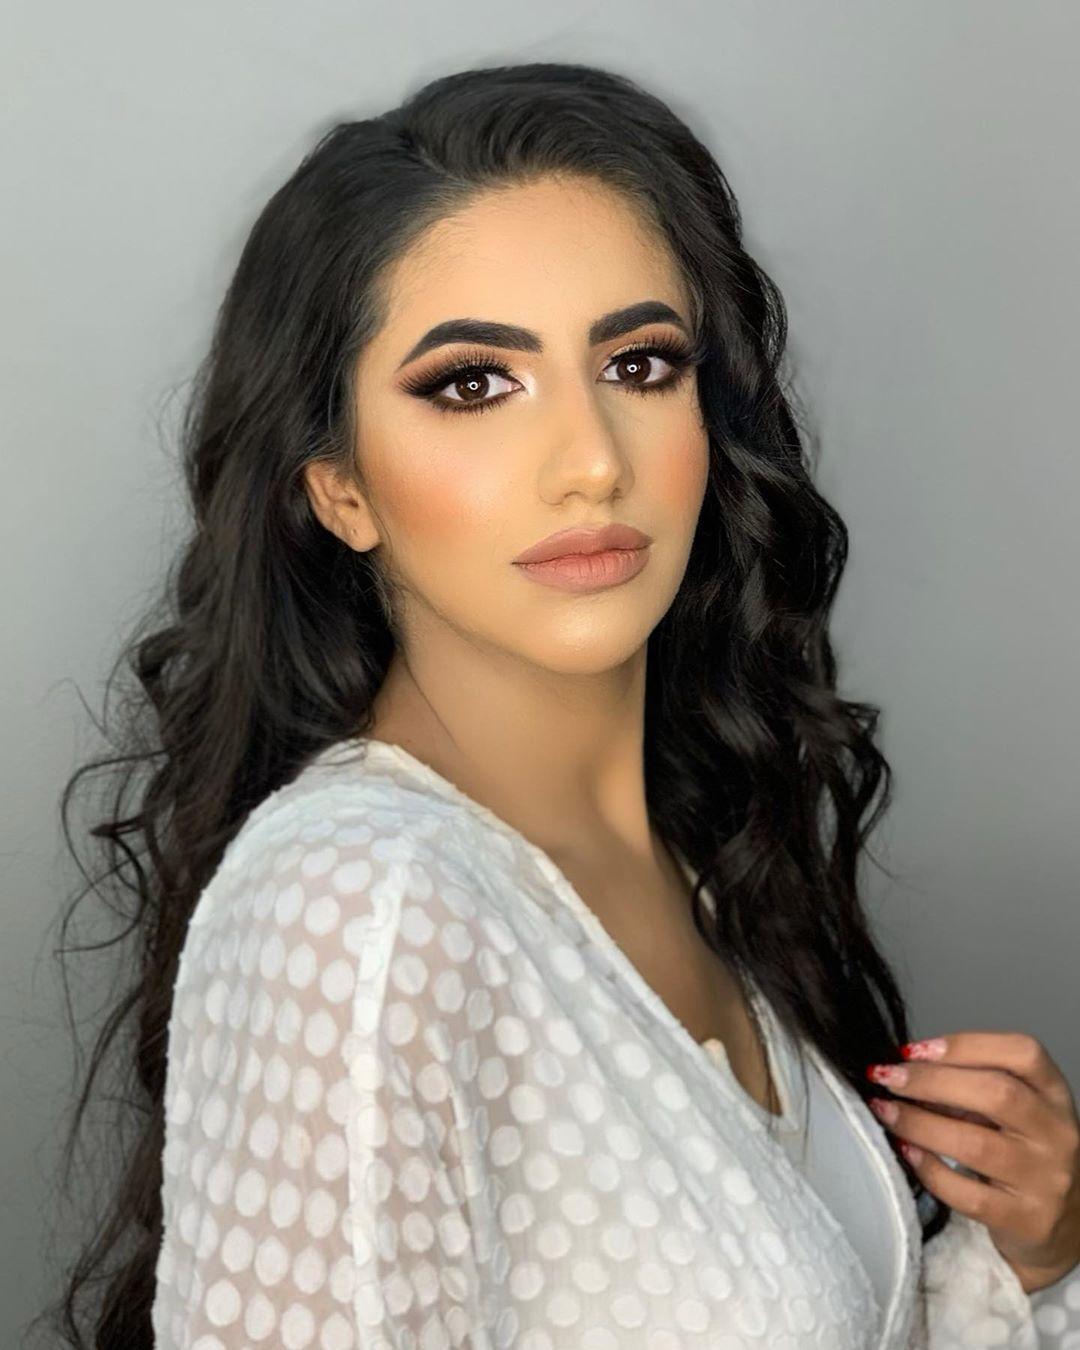 نور ستارز Noor Stars On Instagram اول صورة لسنة ٢٠٢٠ نزل فيديو مع وليد اخي بالقناة لا يفوتكم الحكي والدردشة اللي صا Hair Styles Beauty Long Hair Styles